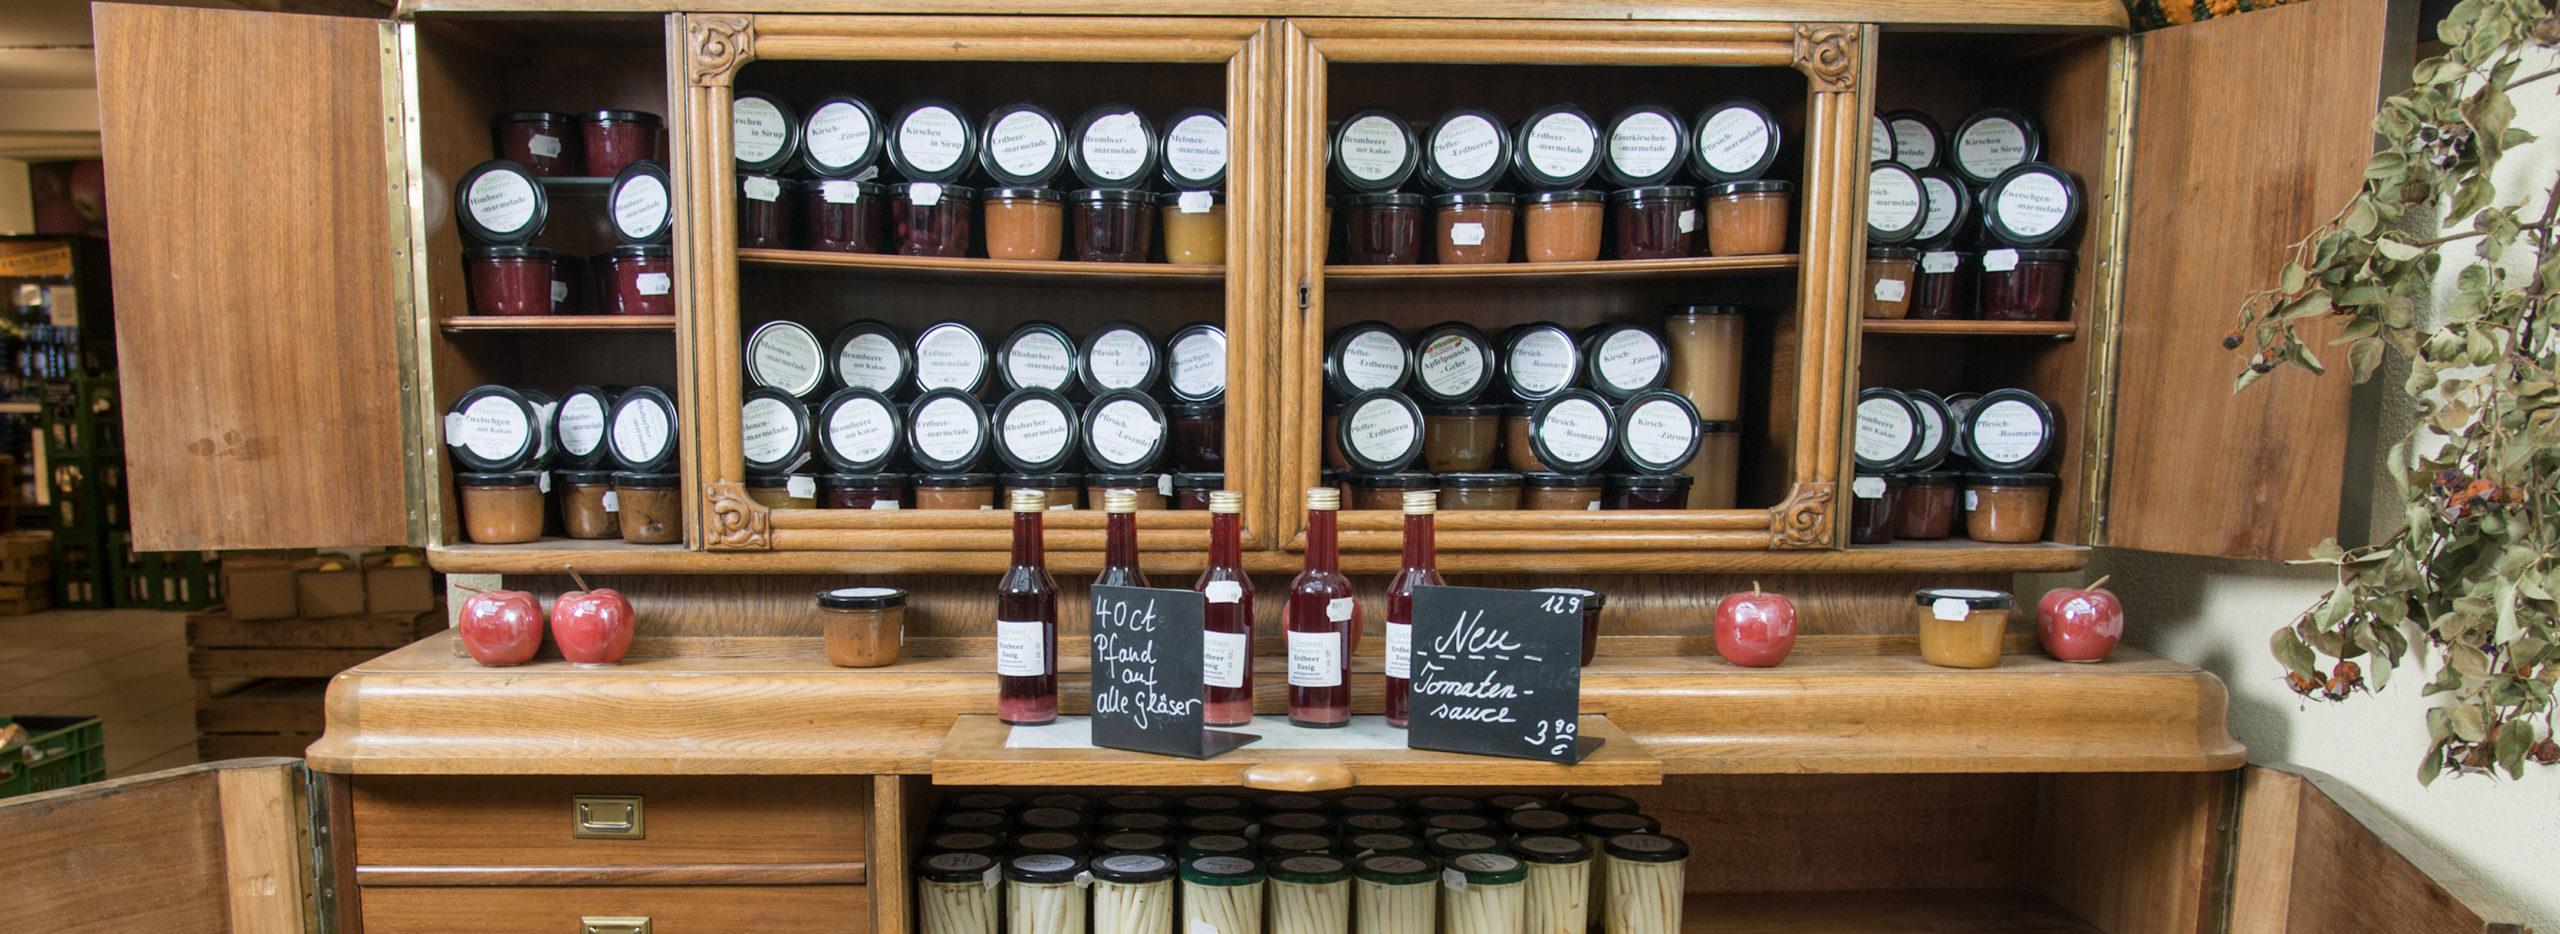 Holzschrank mit hausgemachten Produkten wie Marmeladen Spargel oder Tomatensauce